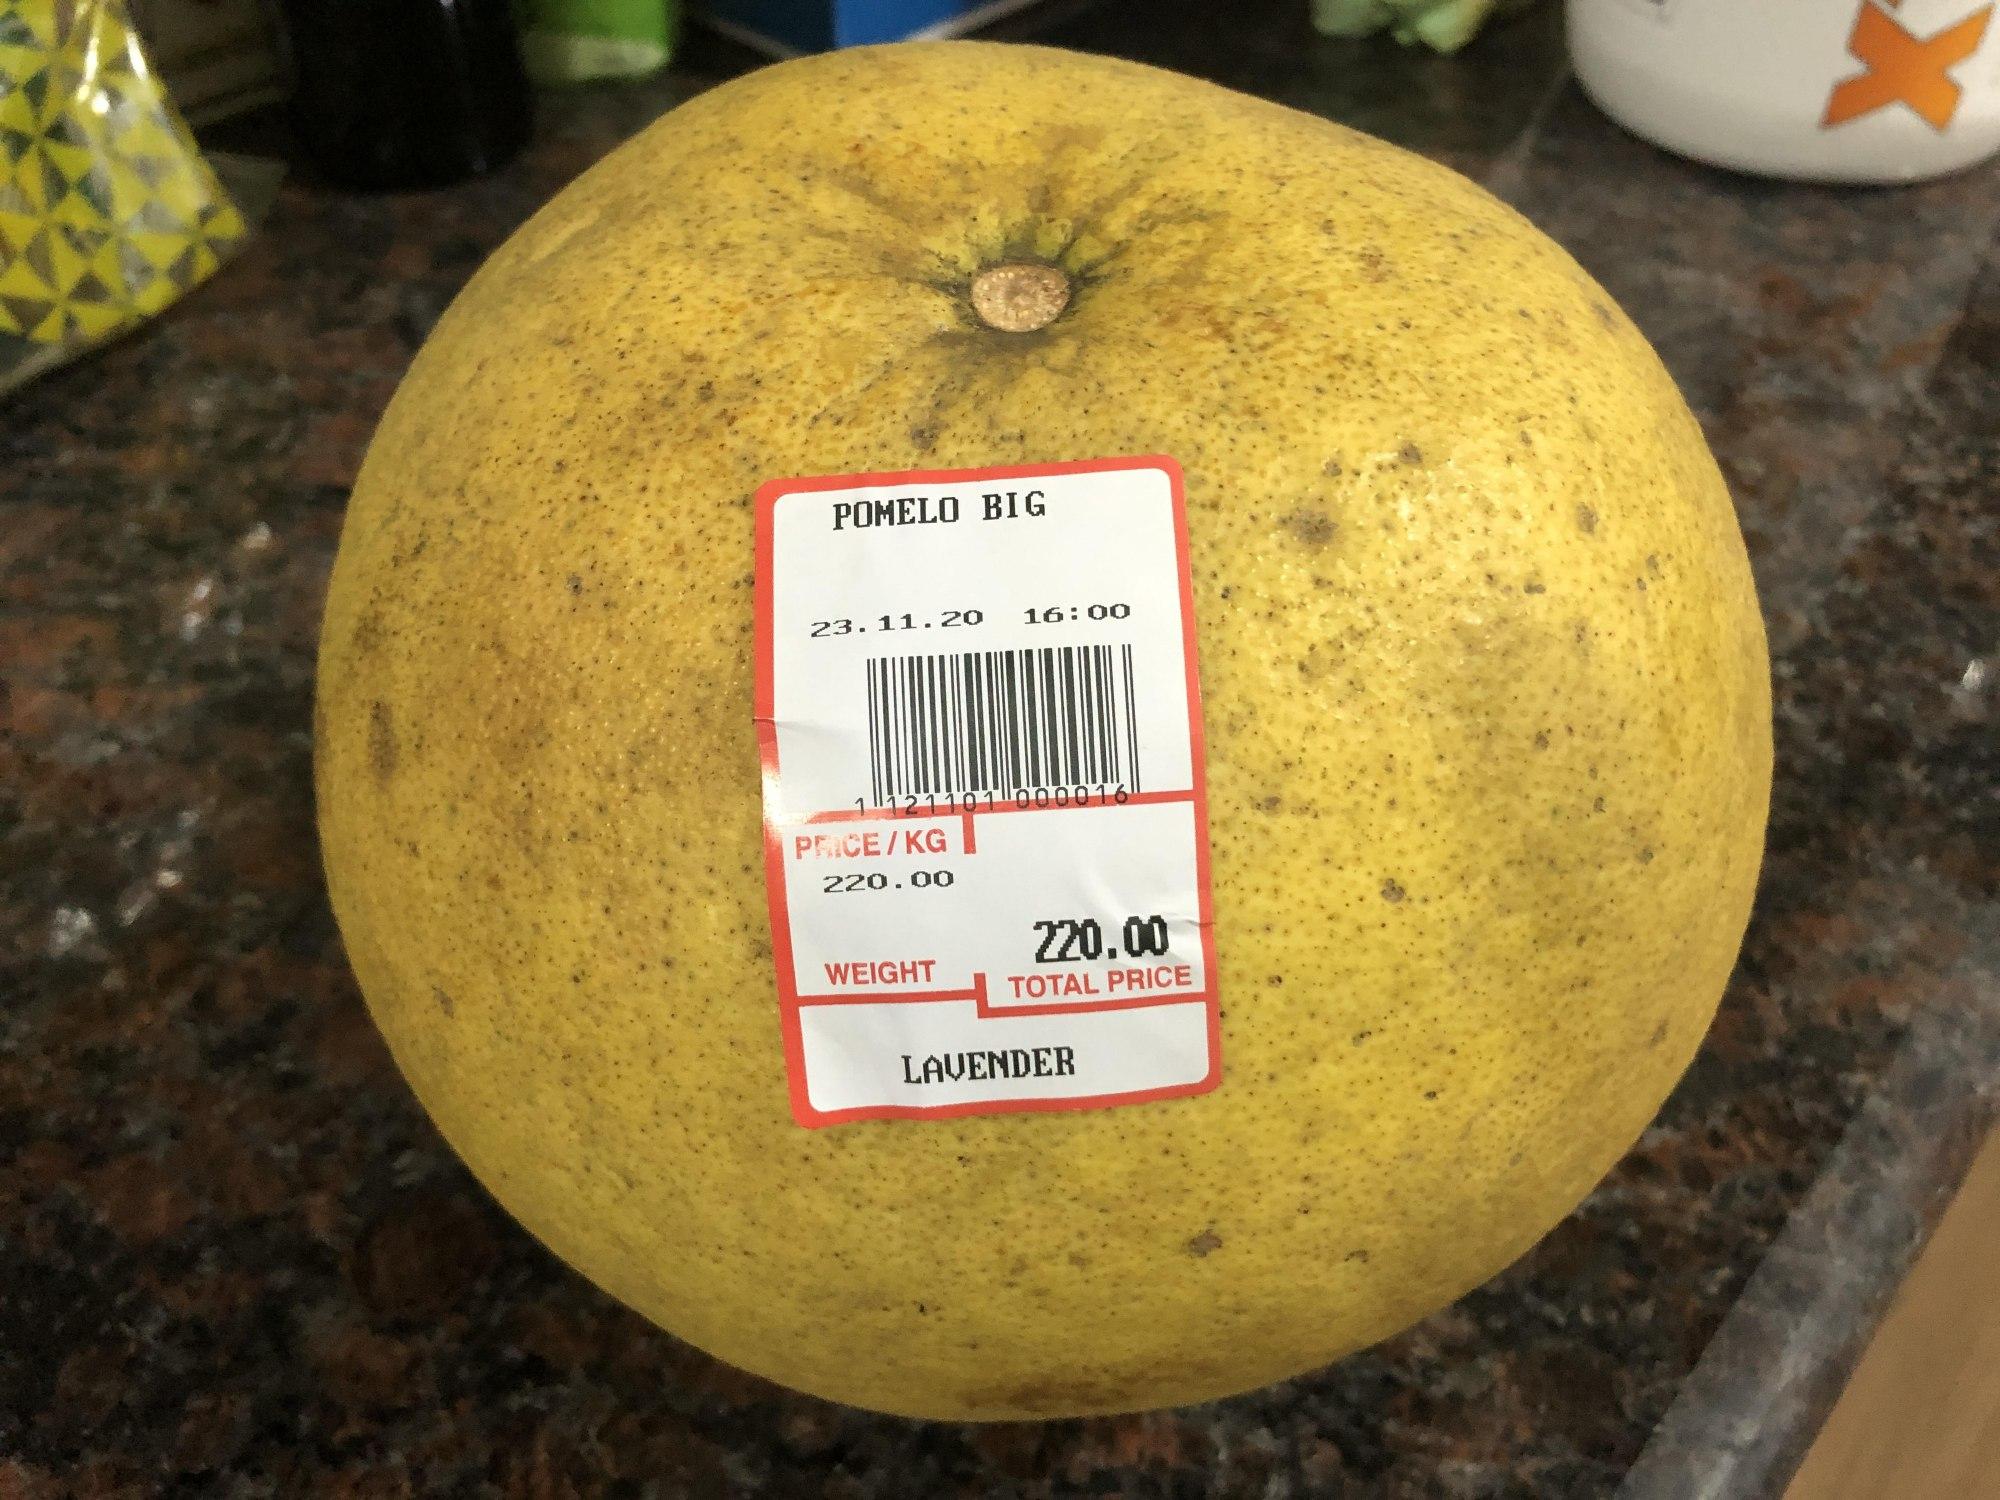 恐竜の卵のような超巨大果物、その名もブンタン!!